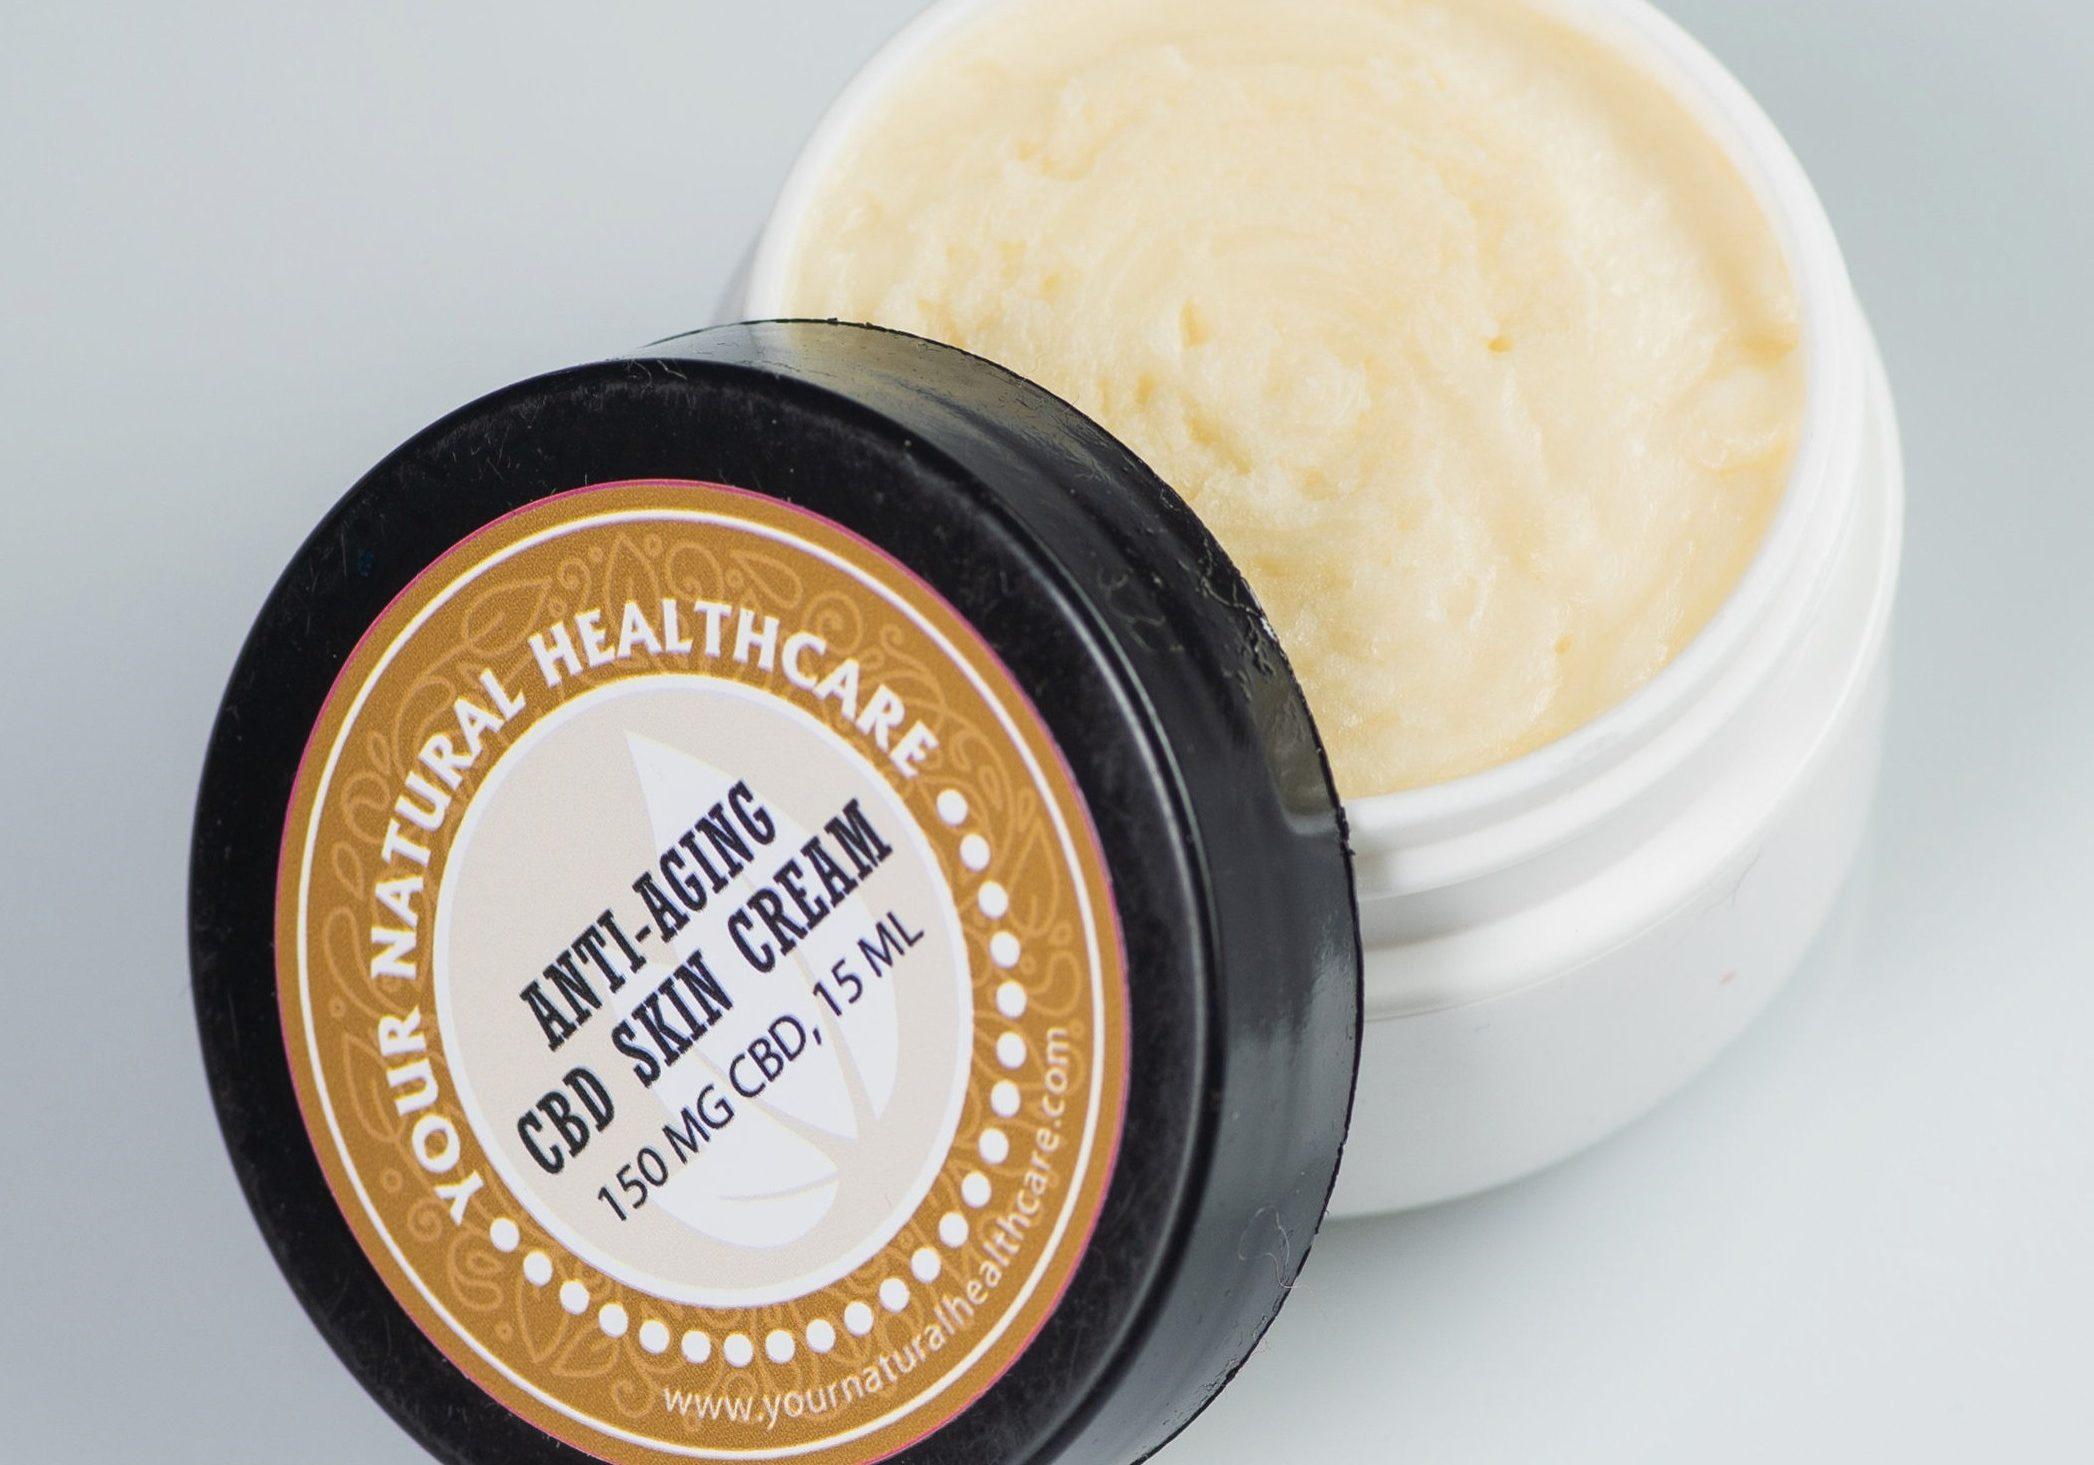 Ch 6. Anti-aging Skin Cream